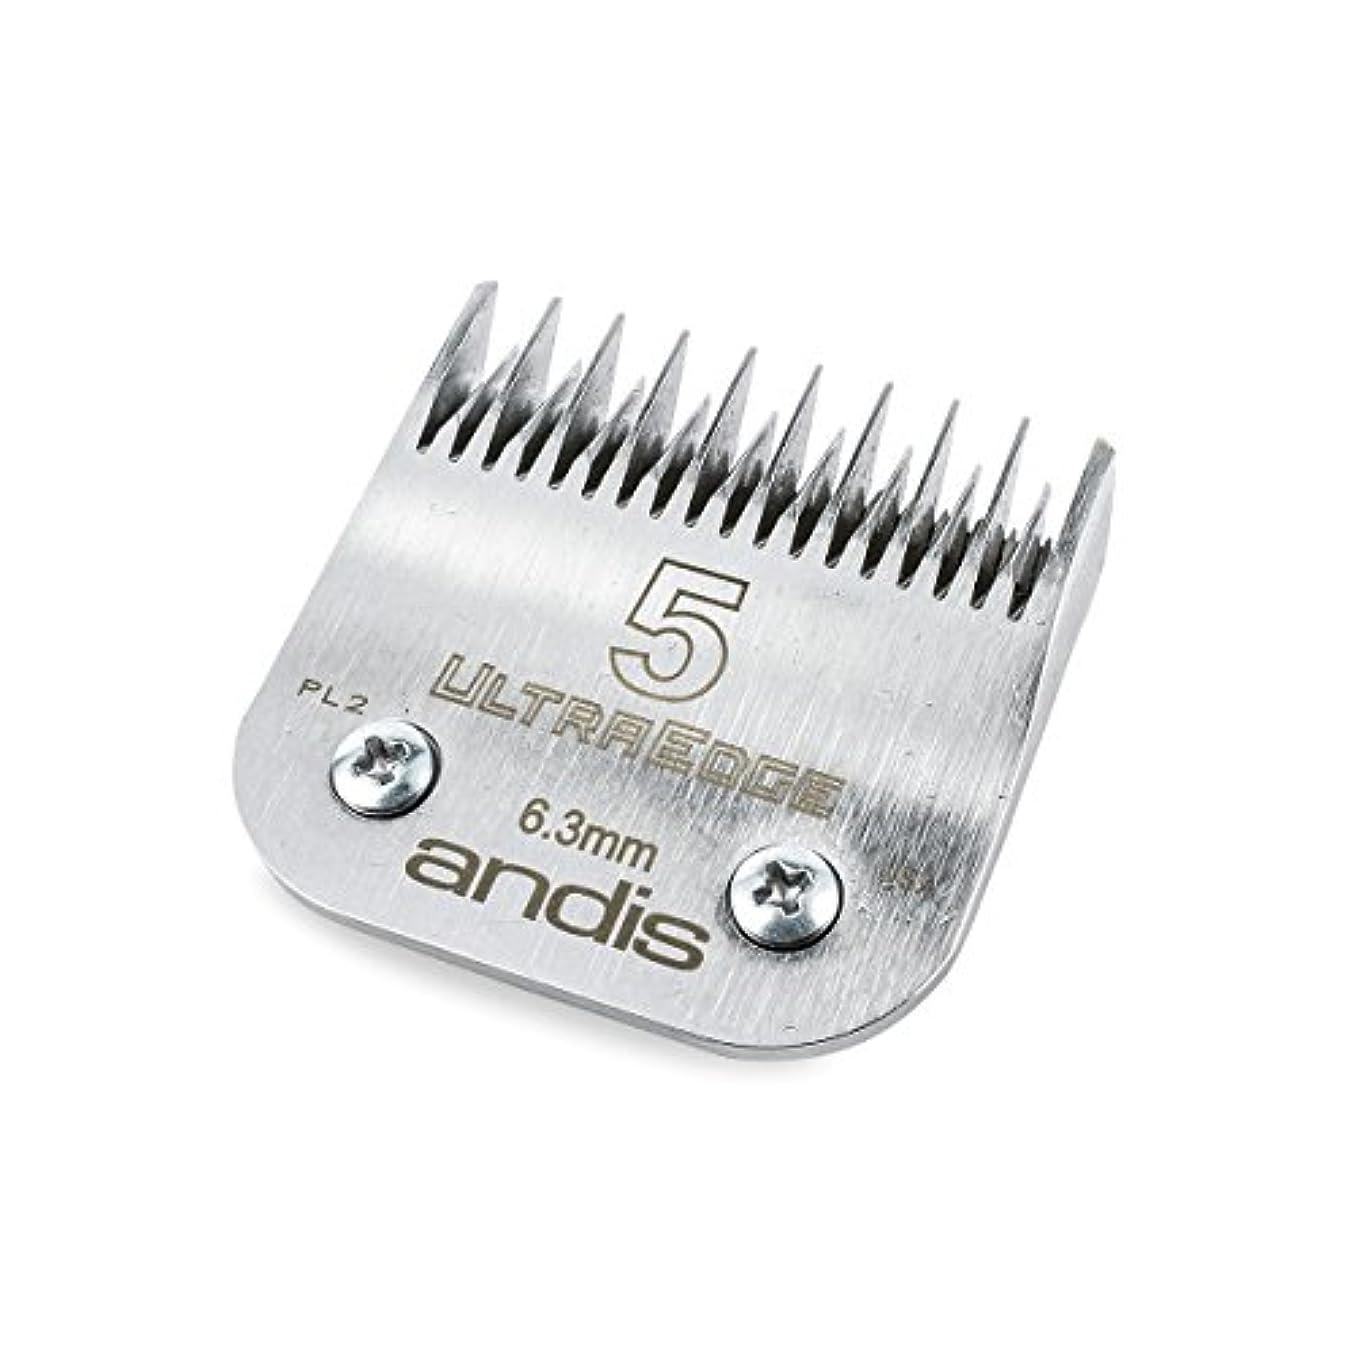 警察署代名詞古くなったアンディス 64079 ウルトラエッジ 5 スキップ ツゥース ブレード 6.3mm[海外直送品] [並行輸入品]